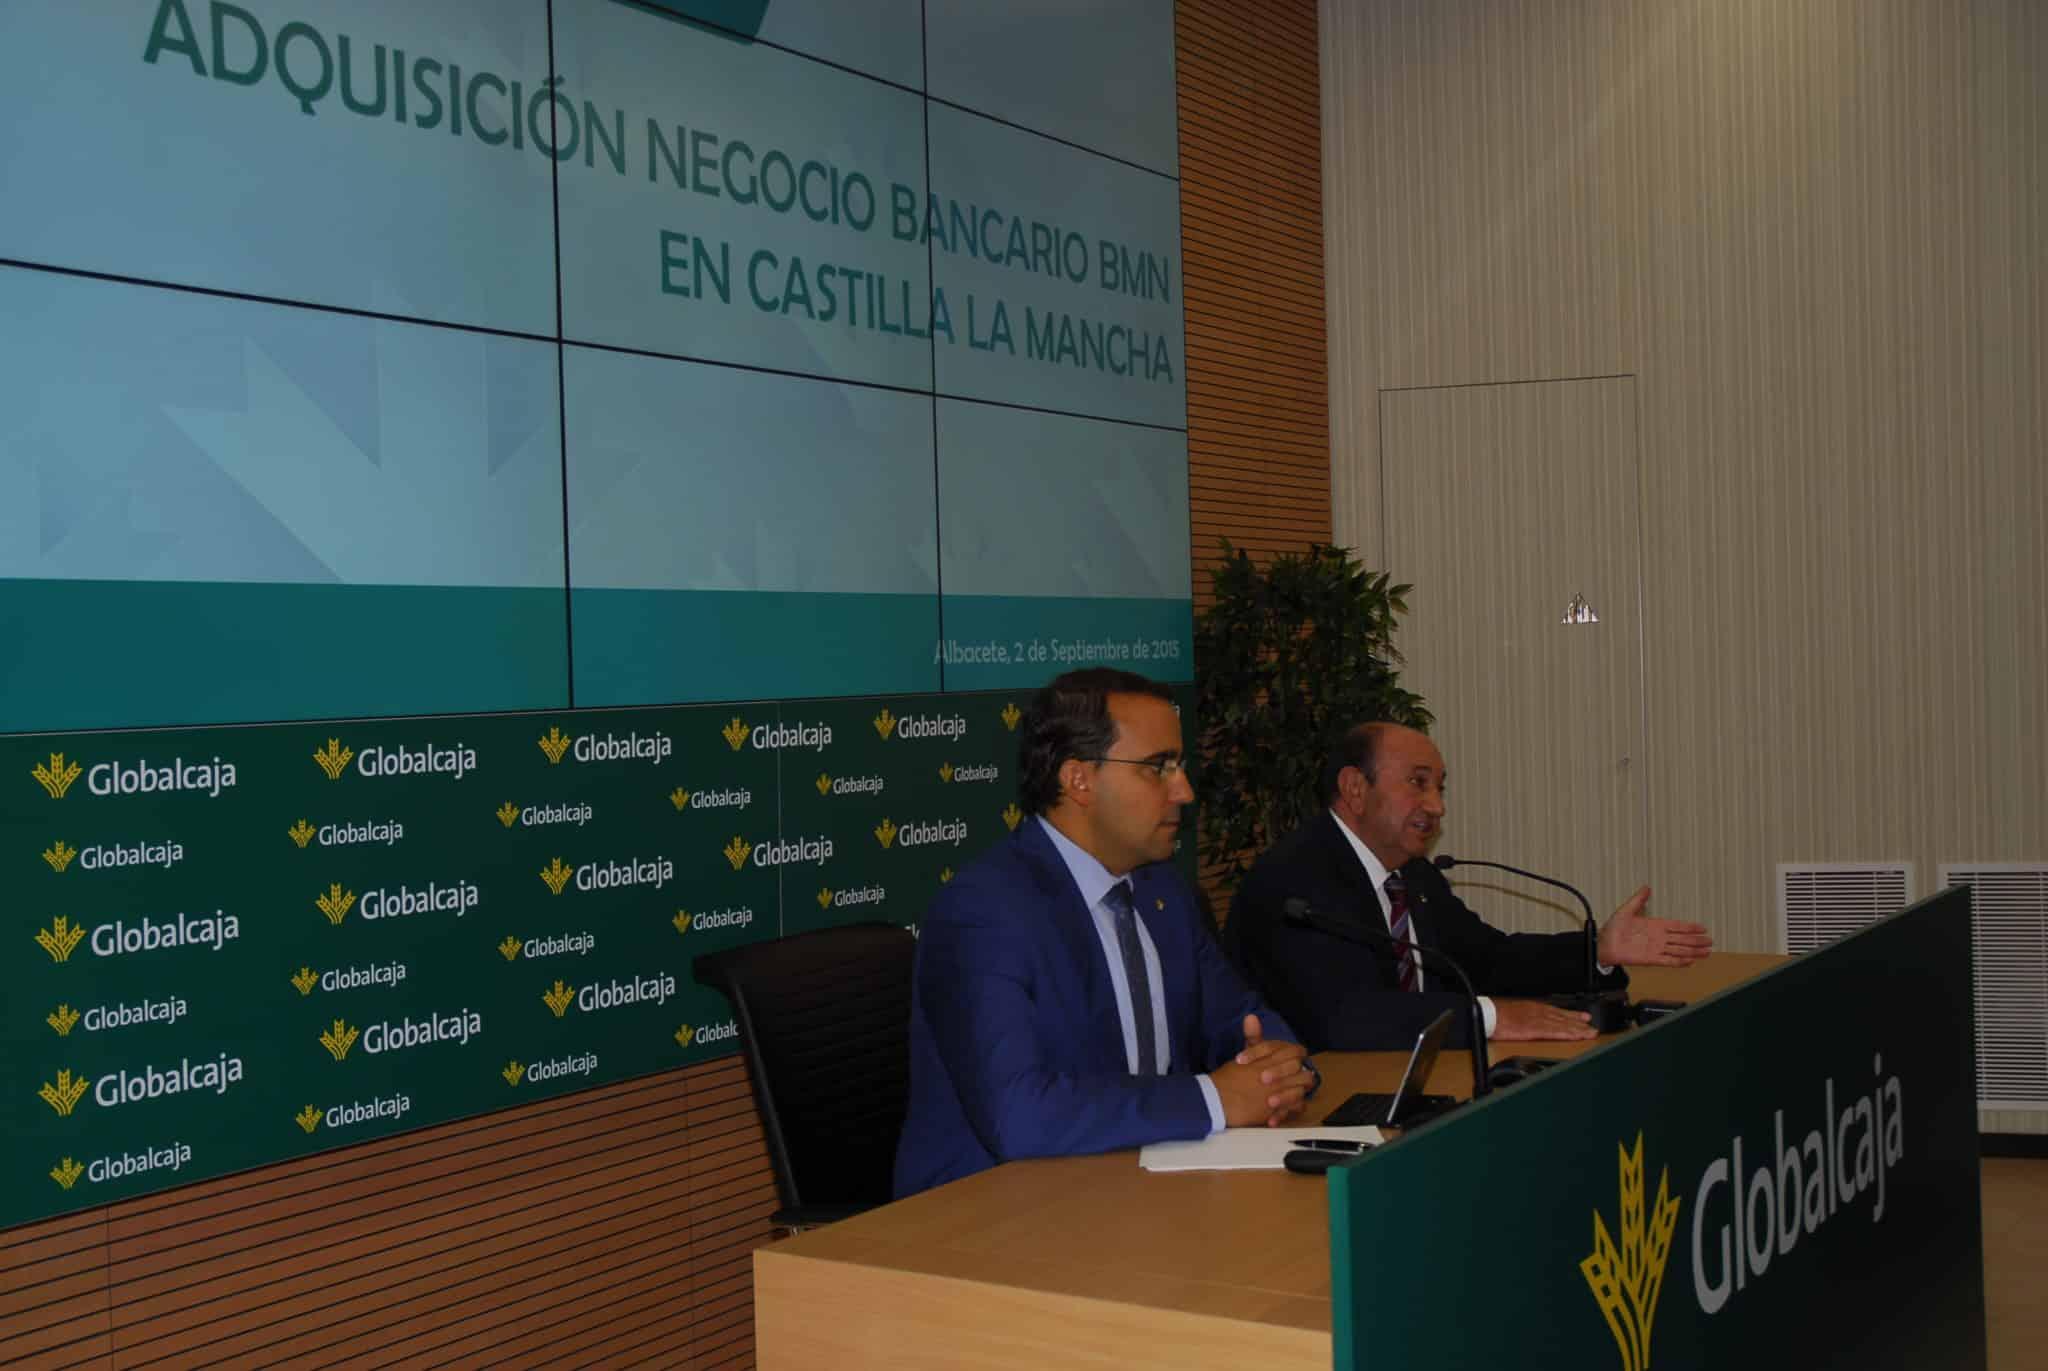 Los servicios de Globalcaja llegarán a 30.000 nuevos clientes de Castilla La Mancha